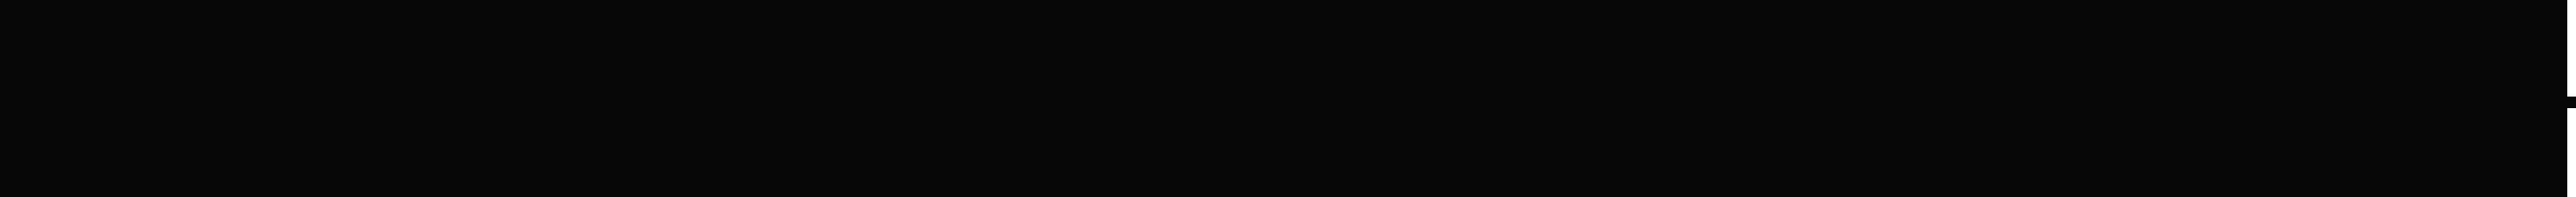 black-line-divider.png